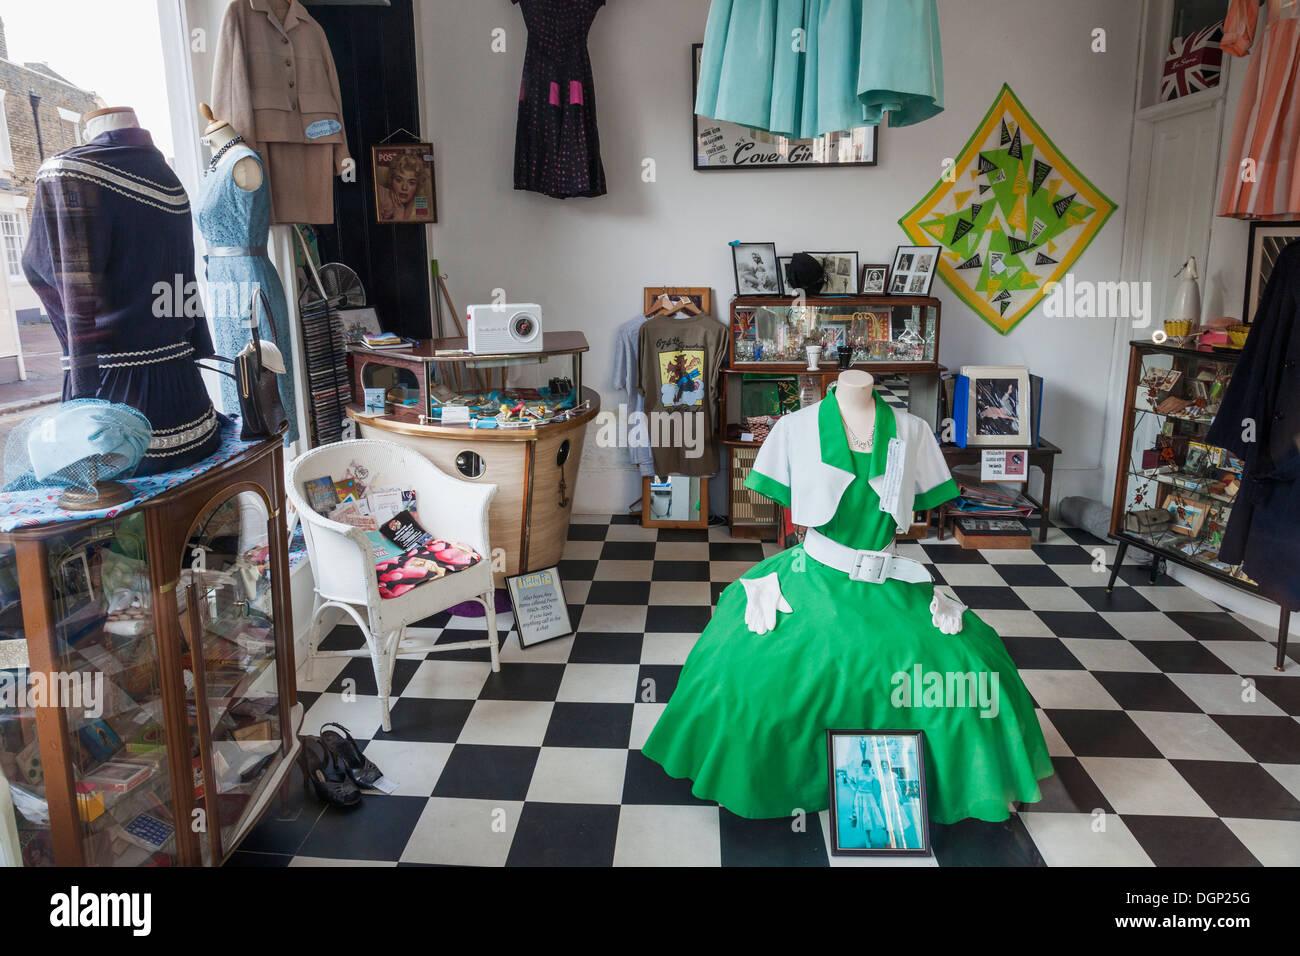 L'Angleterre, Kent, Margate, Vieille Ville, boutique de vêtements rétro Afficher Photo Stock